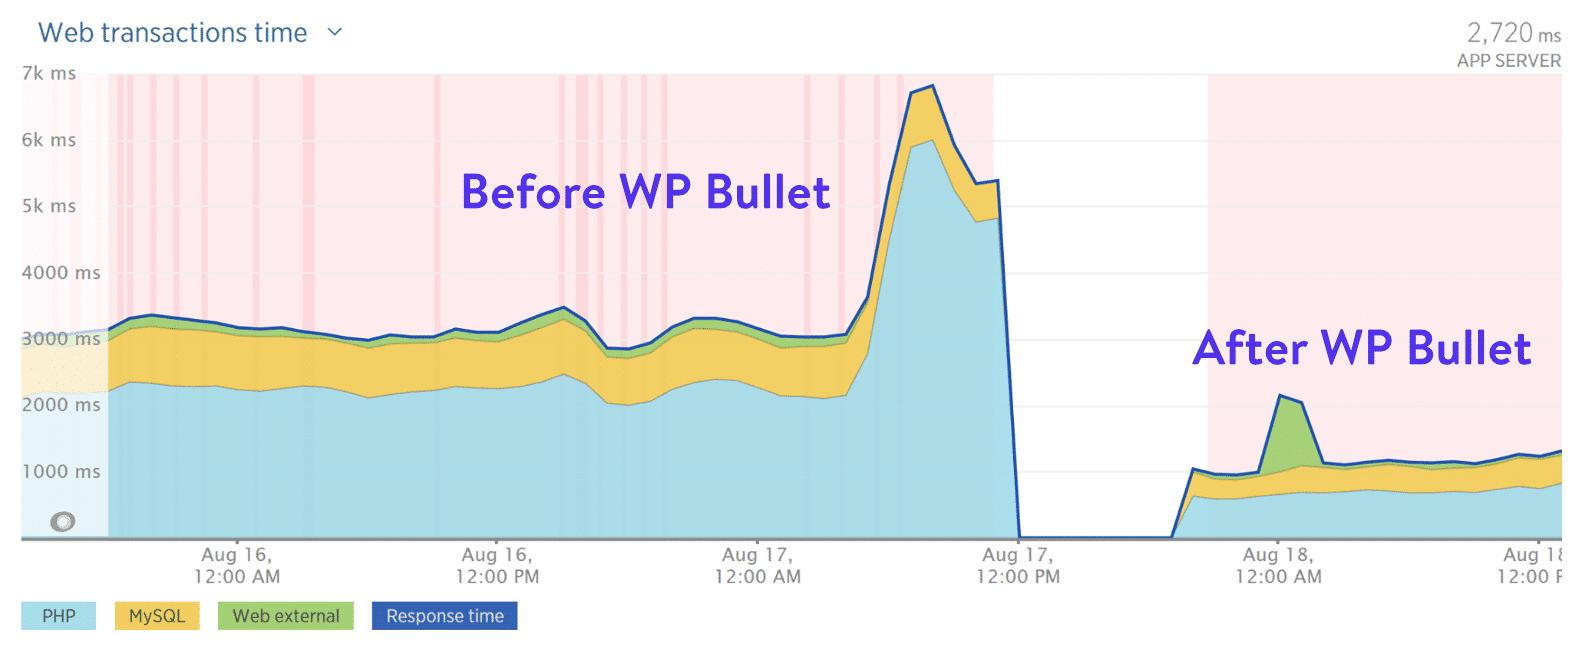 Før og efter WP Bullet